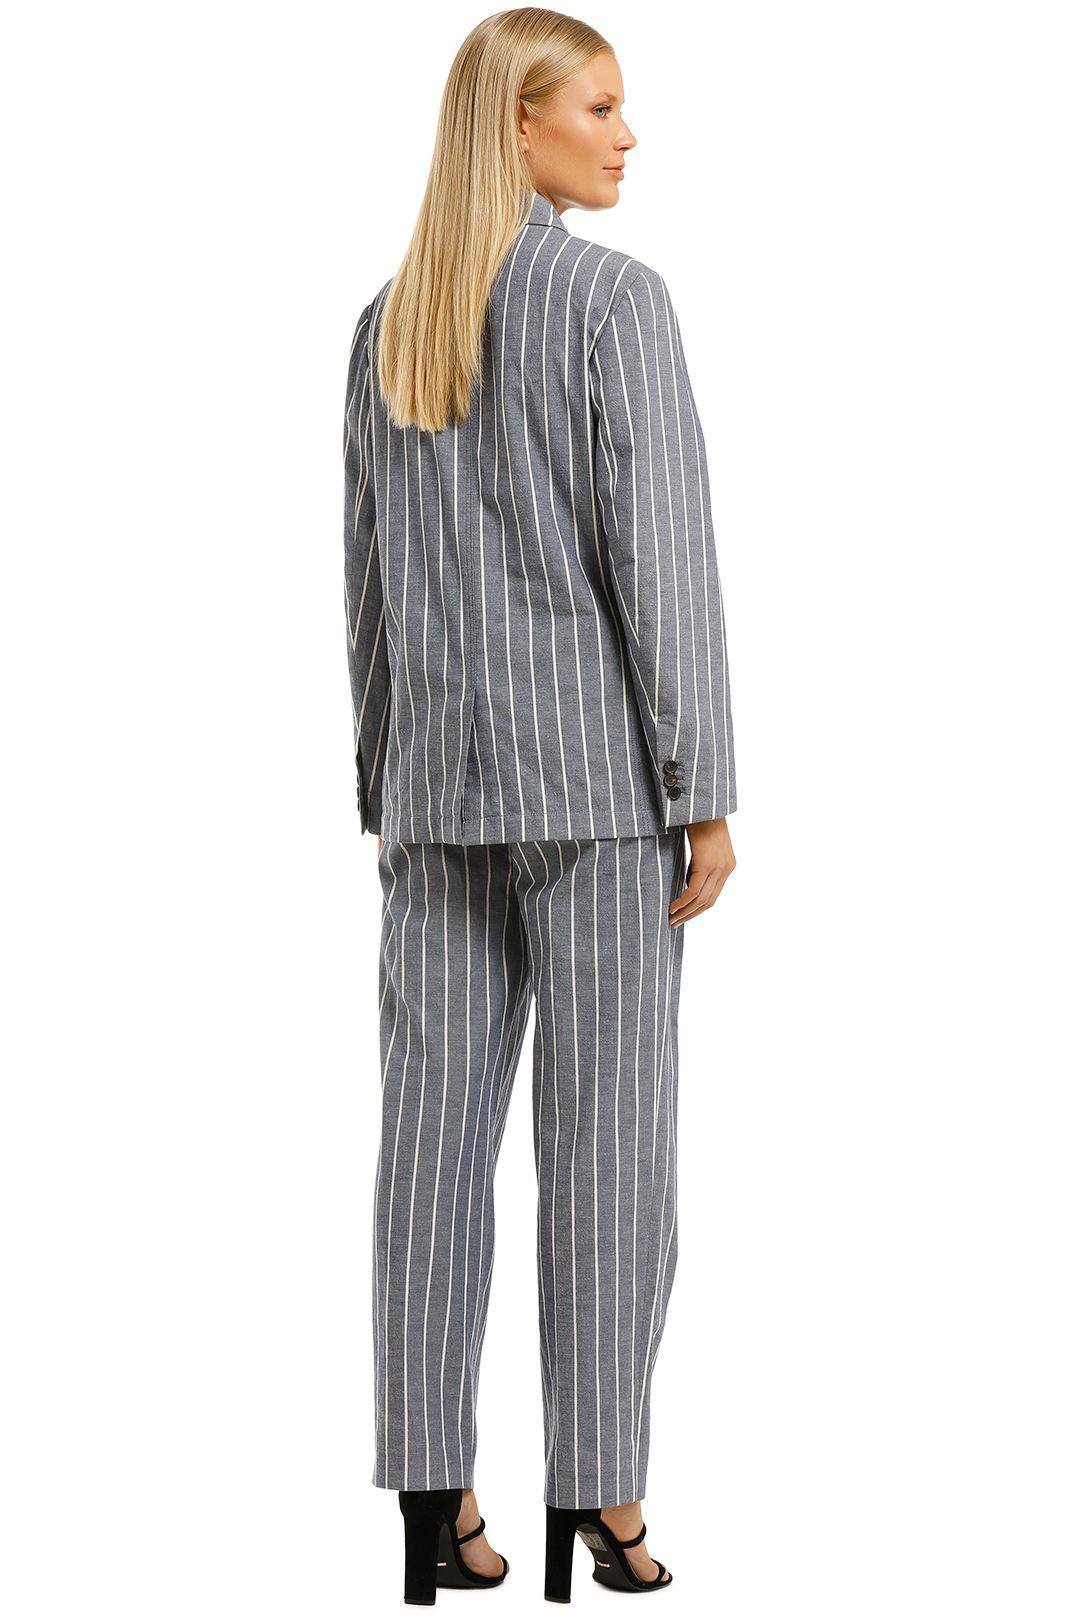 Laquintane-Double-Breasted-Jacket-and-Pant-Set-Indigo-Stripe-Back